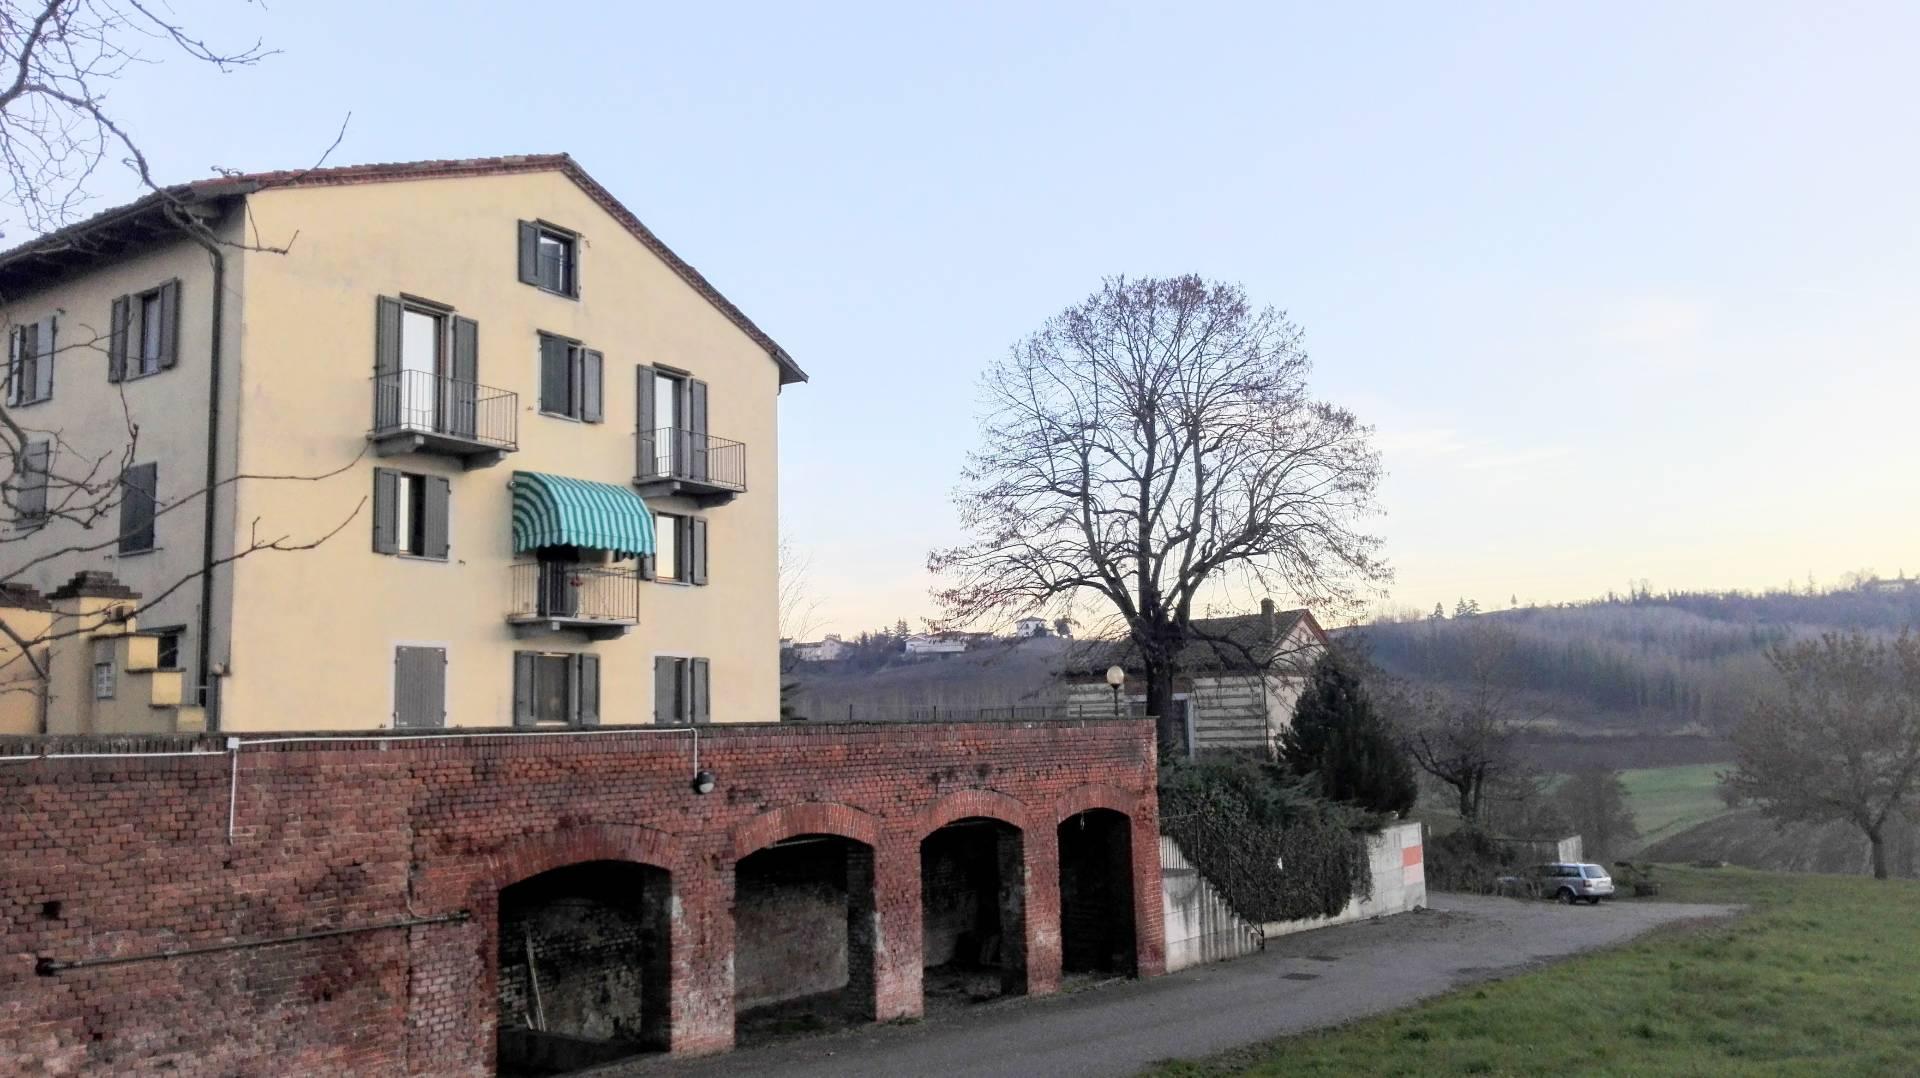 Appartamento in vendita a Rosignano Monferrato, 4 locali, prezzo € 80.000 | CambioCasa.it